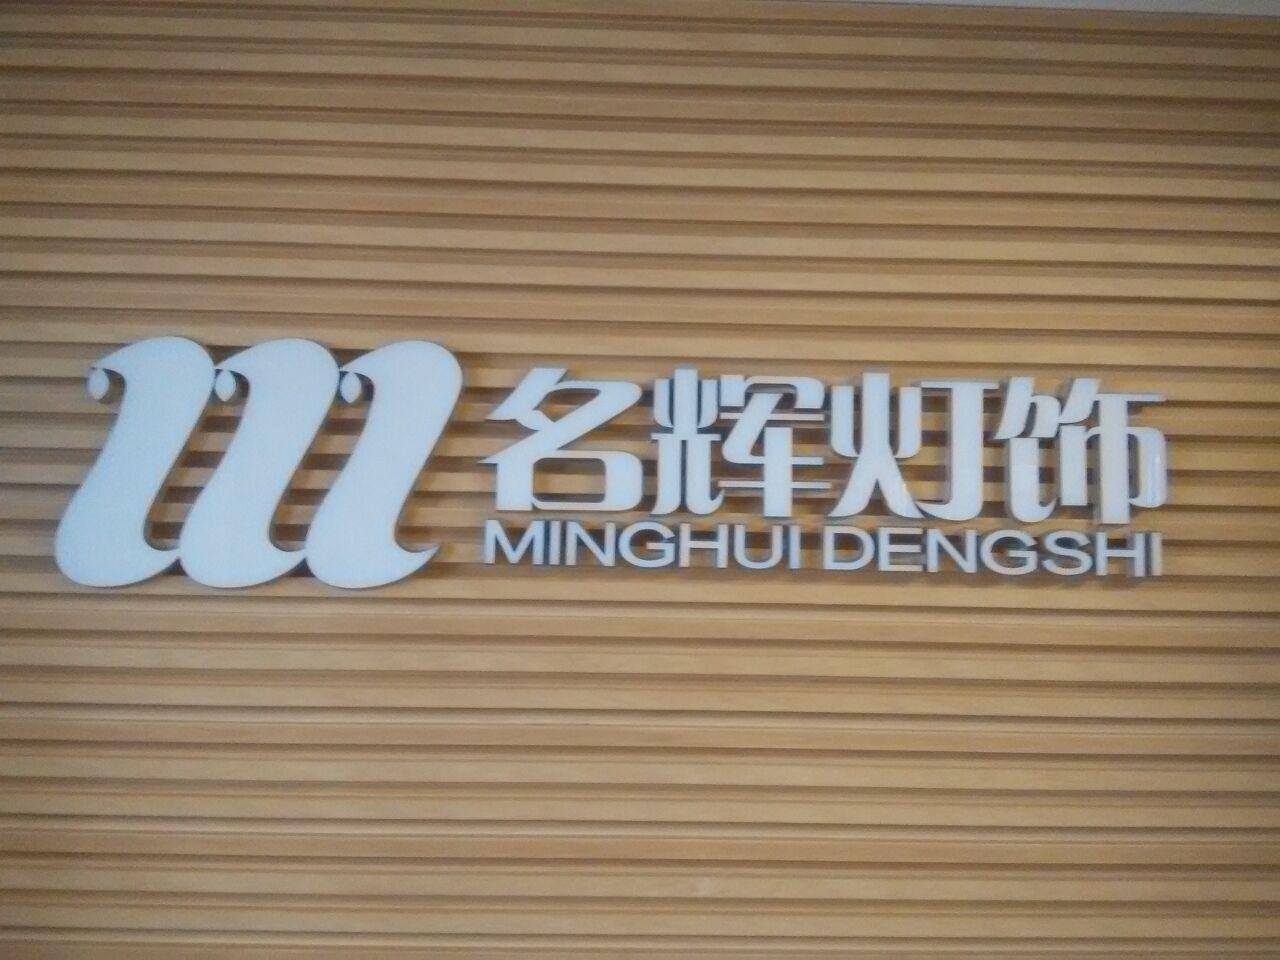 中山市六月灯饰有限公司_才通国际人才网_job001.cn